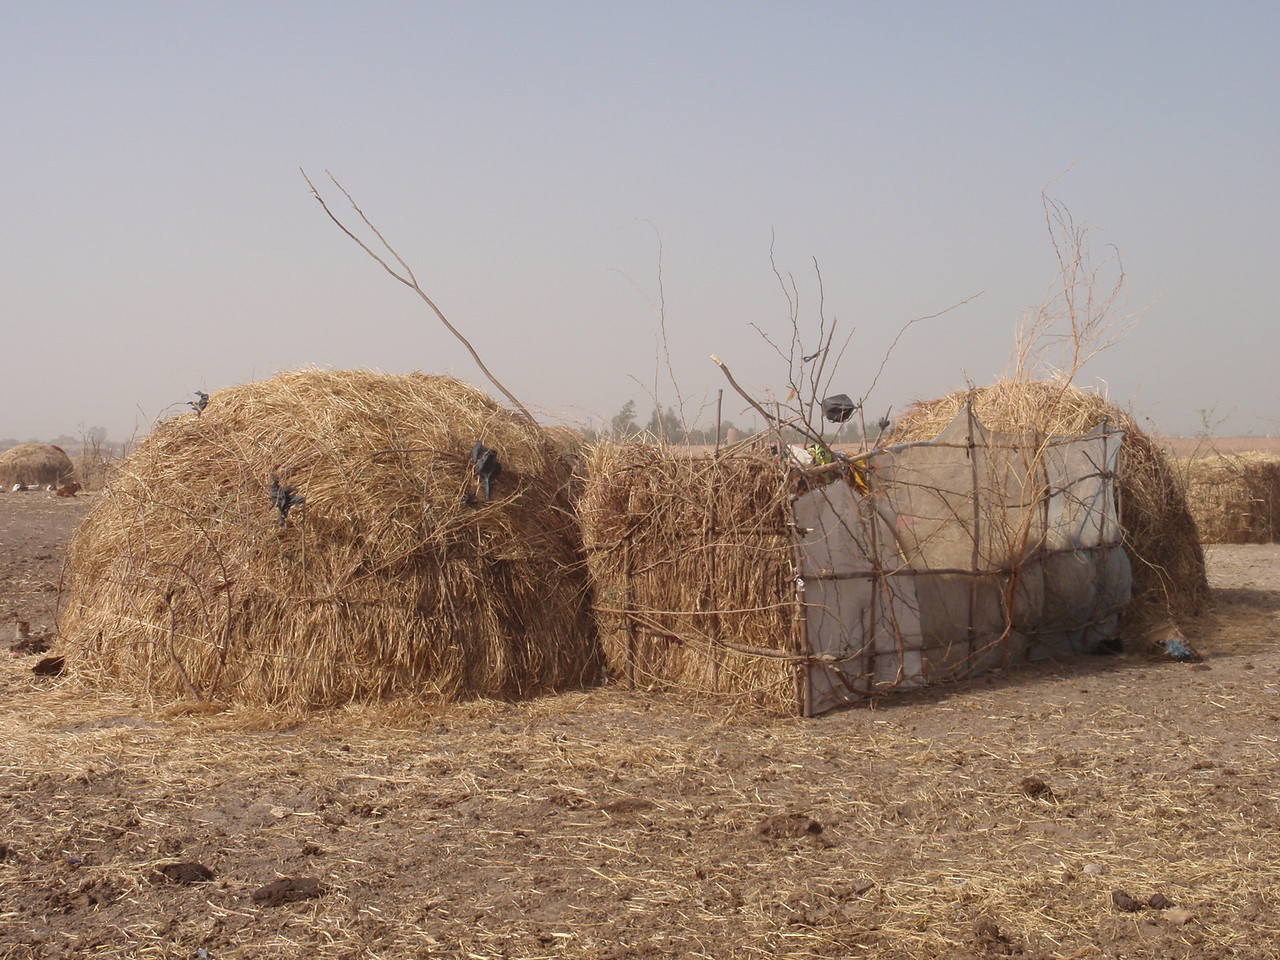 247_Mopti  The Fulani Tribe  Setting-Up The Hut  Part 4